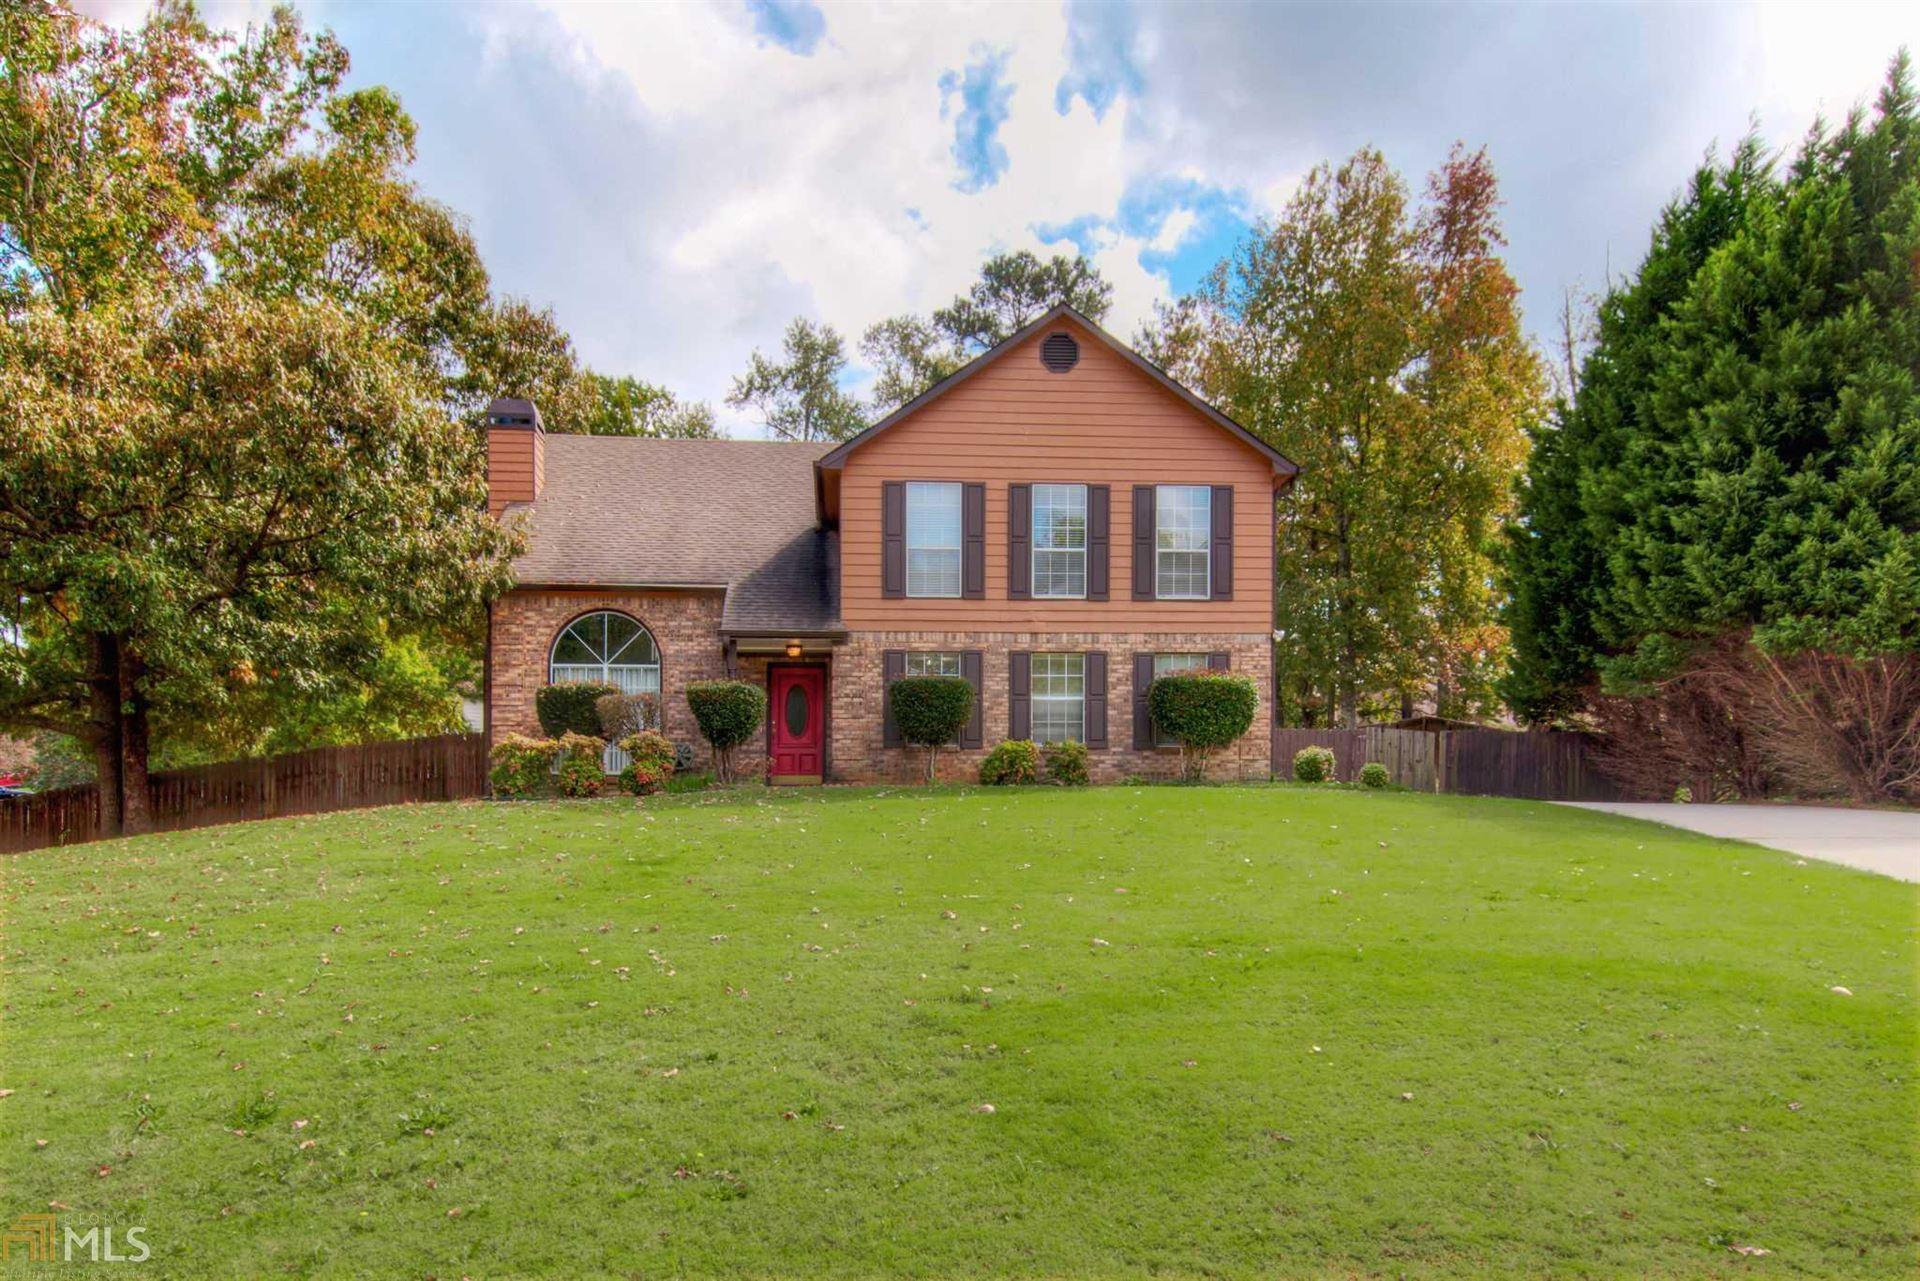 165 Spivey Ridge, Jonesboro, GA 30236 - MLS#: 8878291